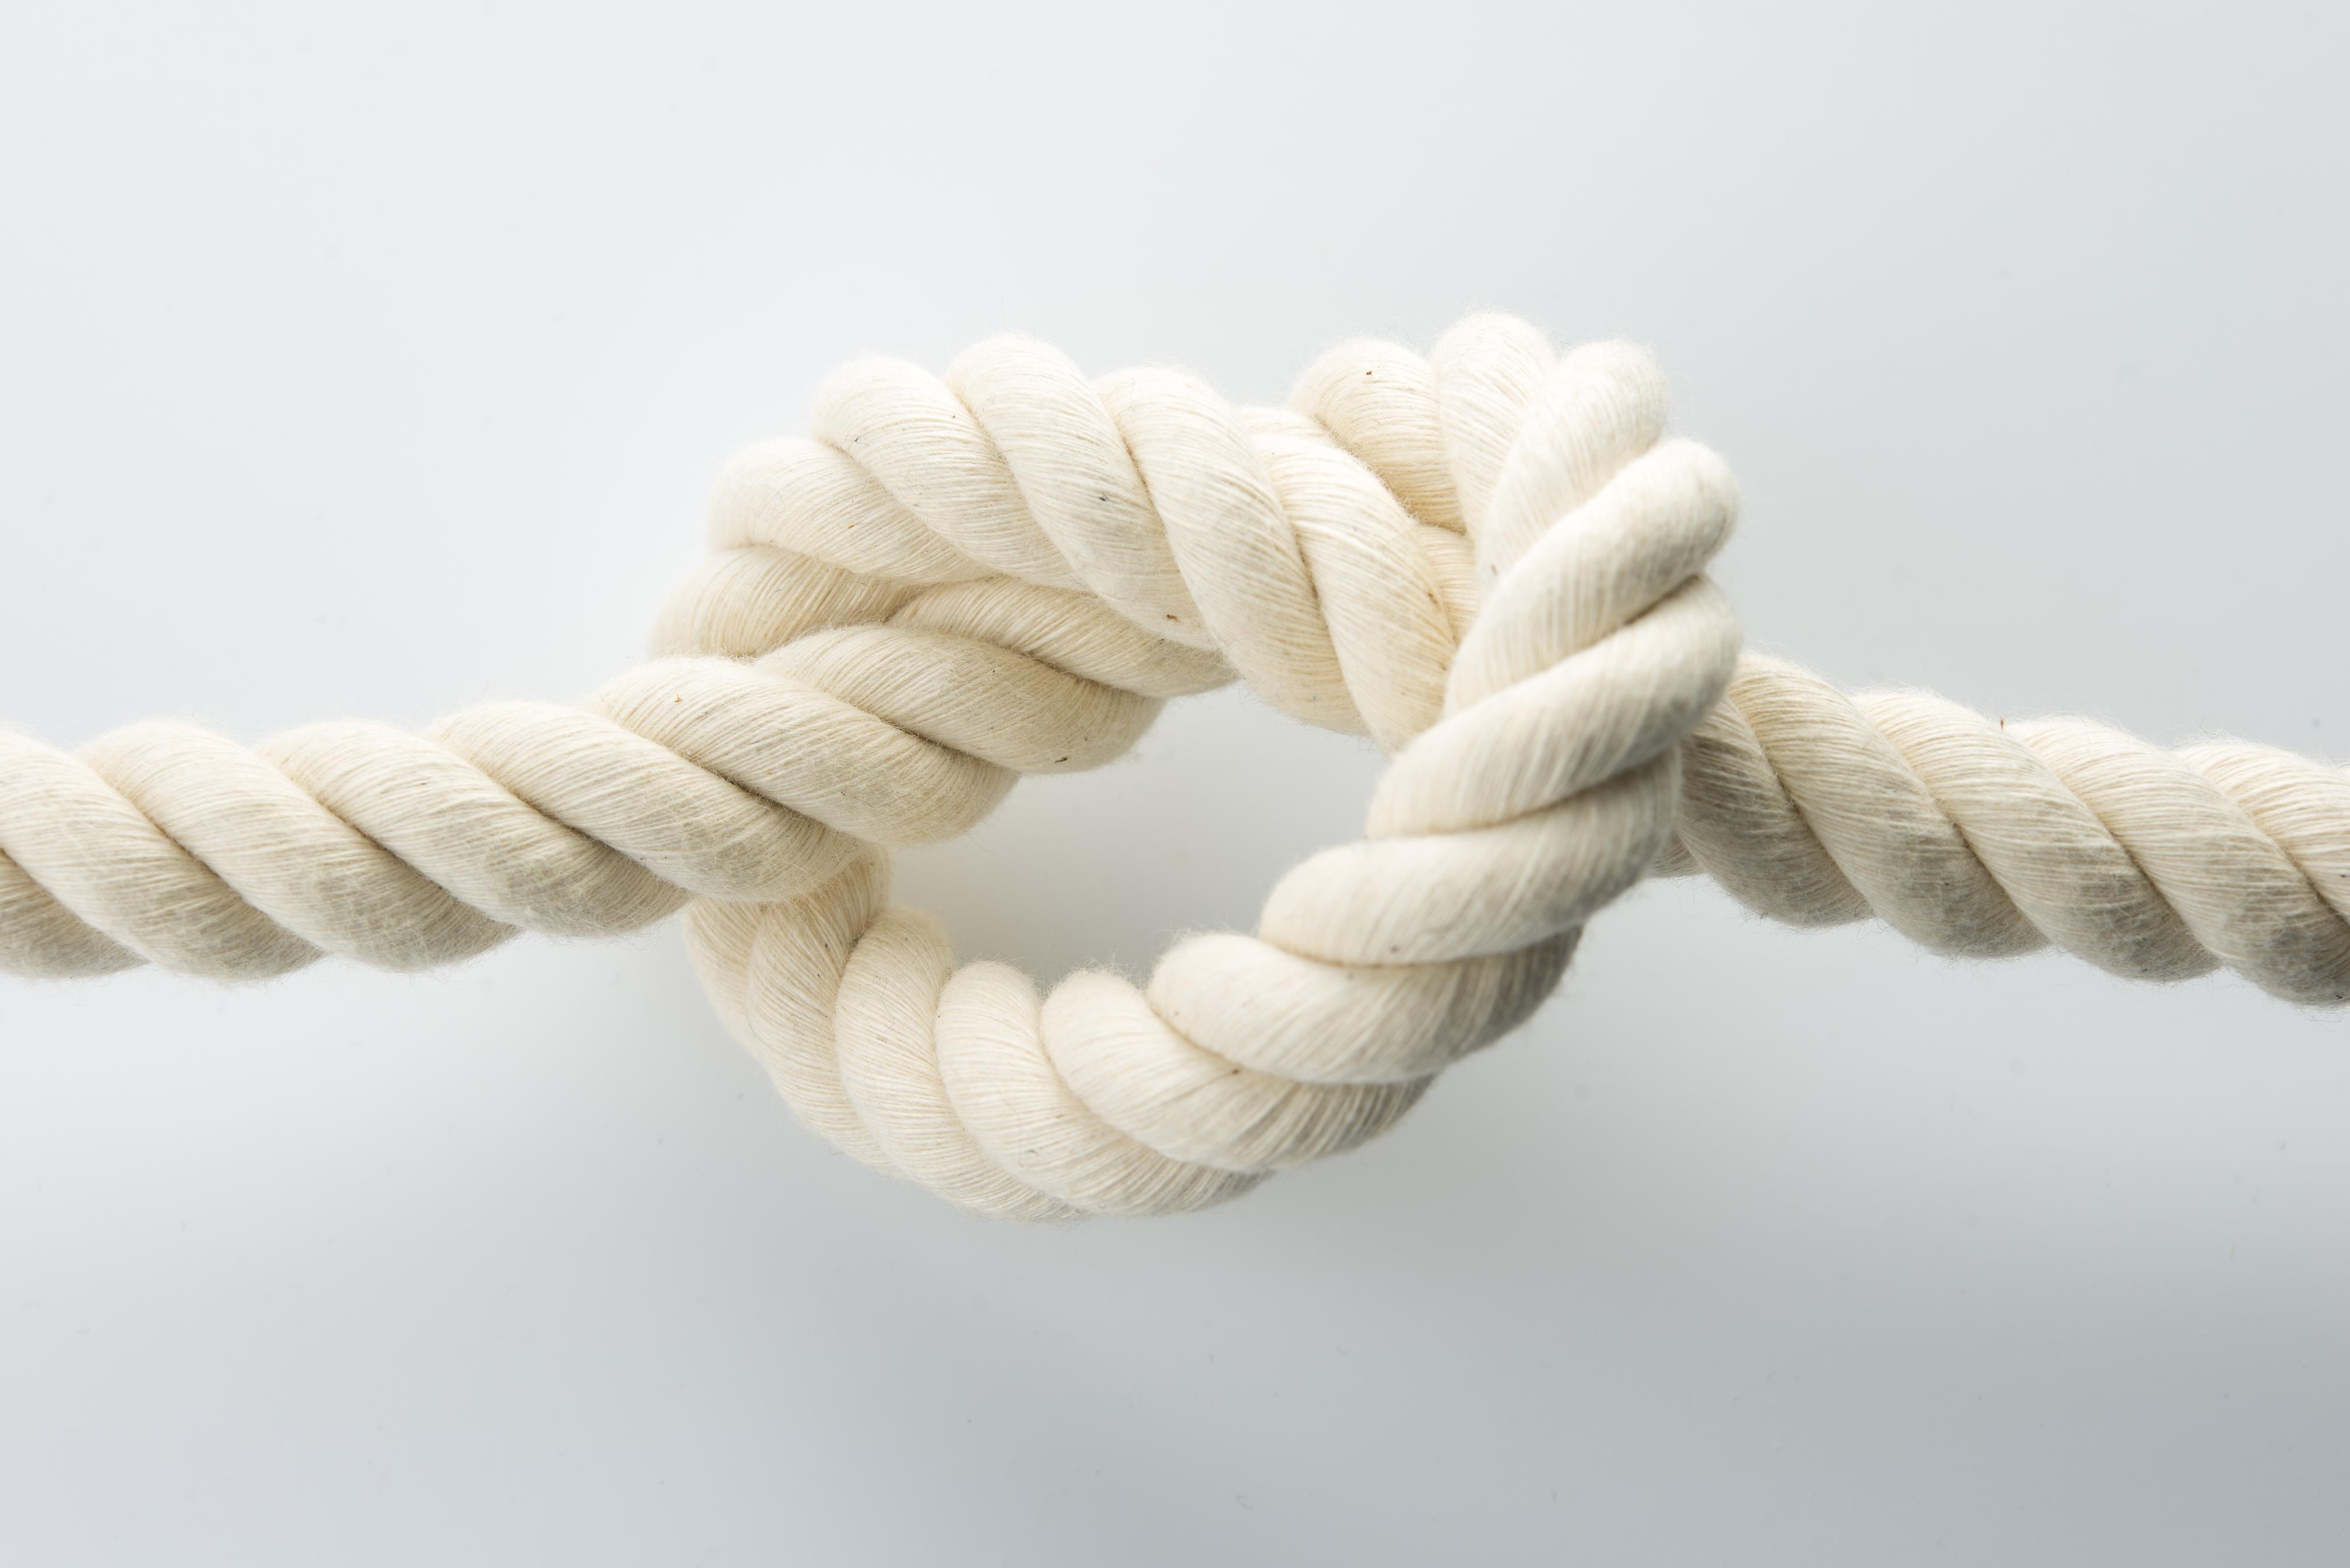 ガイロープ(張り綱)の長さや結び方は?パラコード作成とおすすめ商品も!